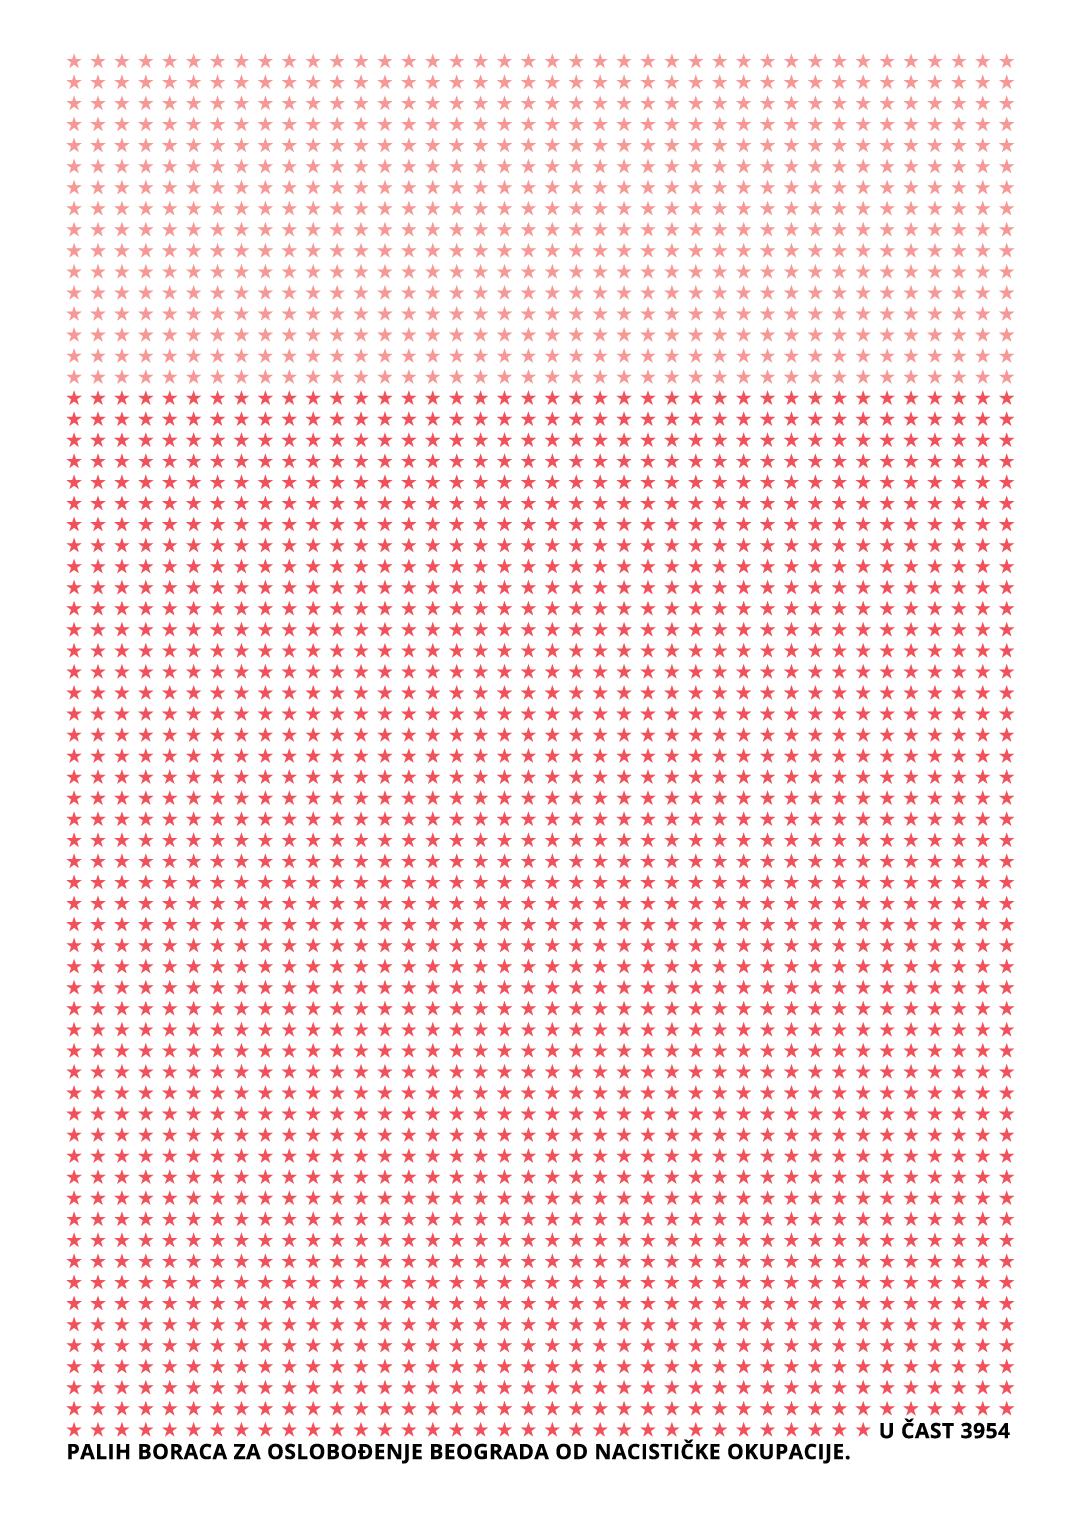 zidne_br3_oslobodjenje-plakat-2